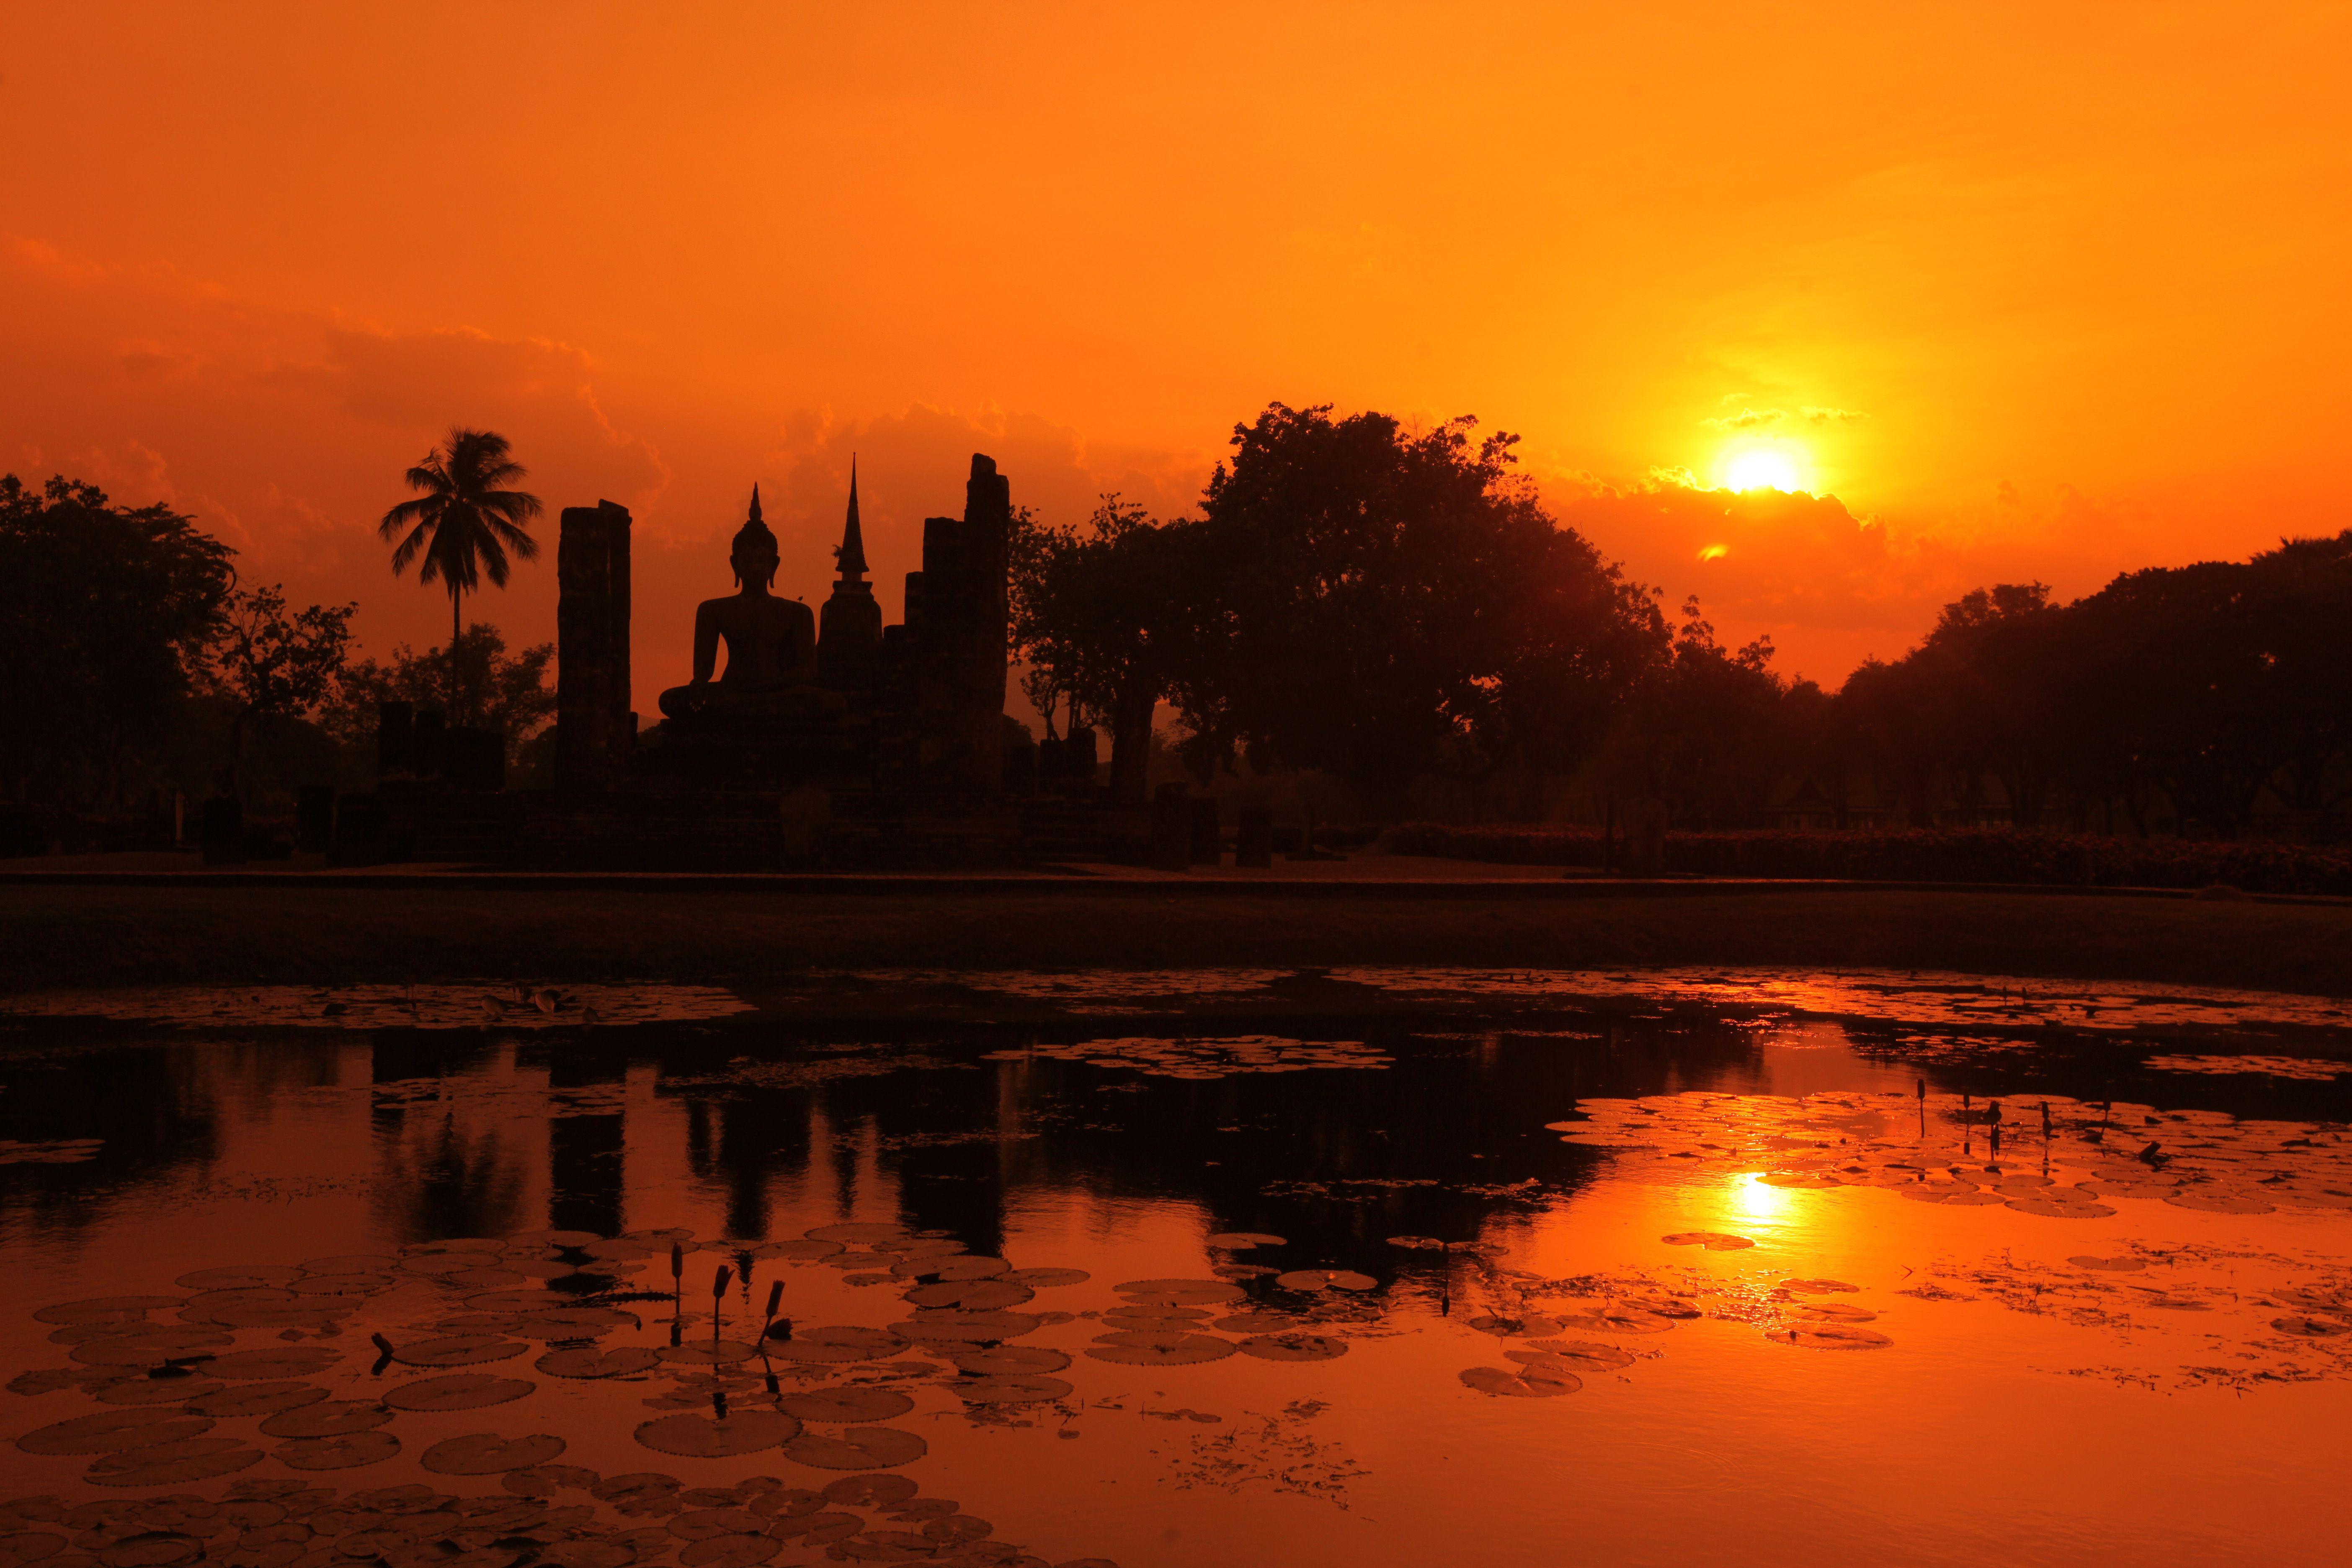 Sunset at Wat Sa Si, a temple in Sukhothai